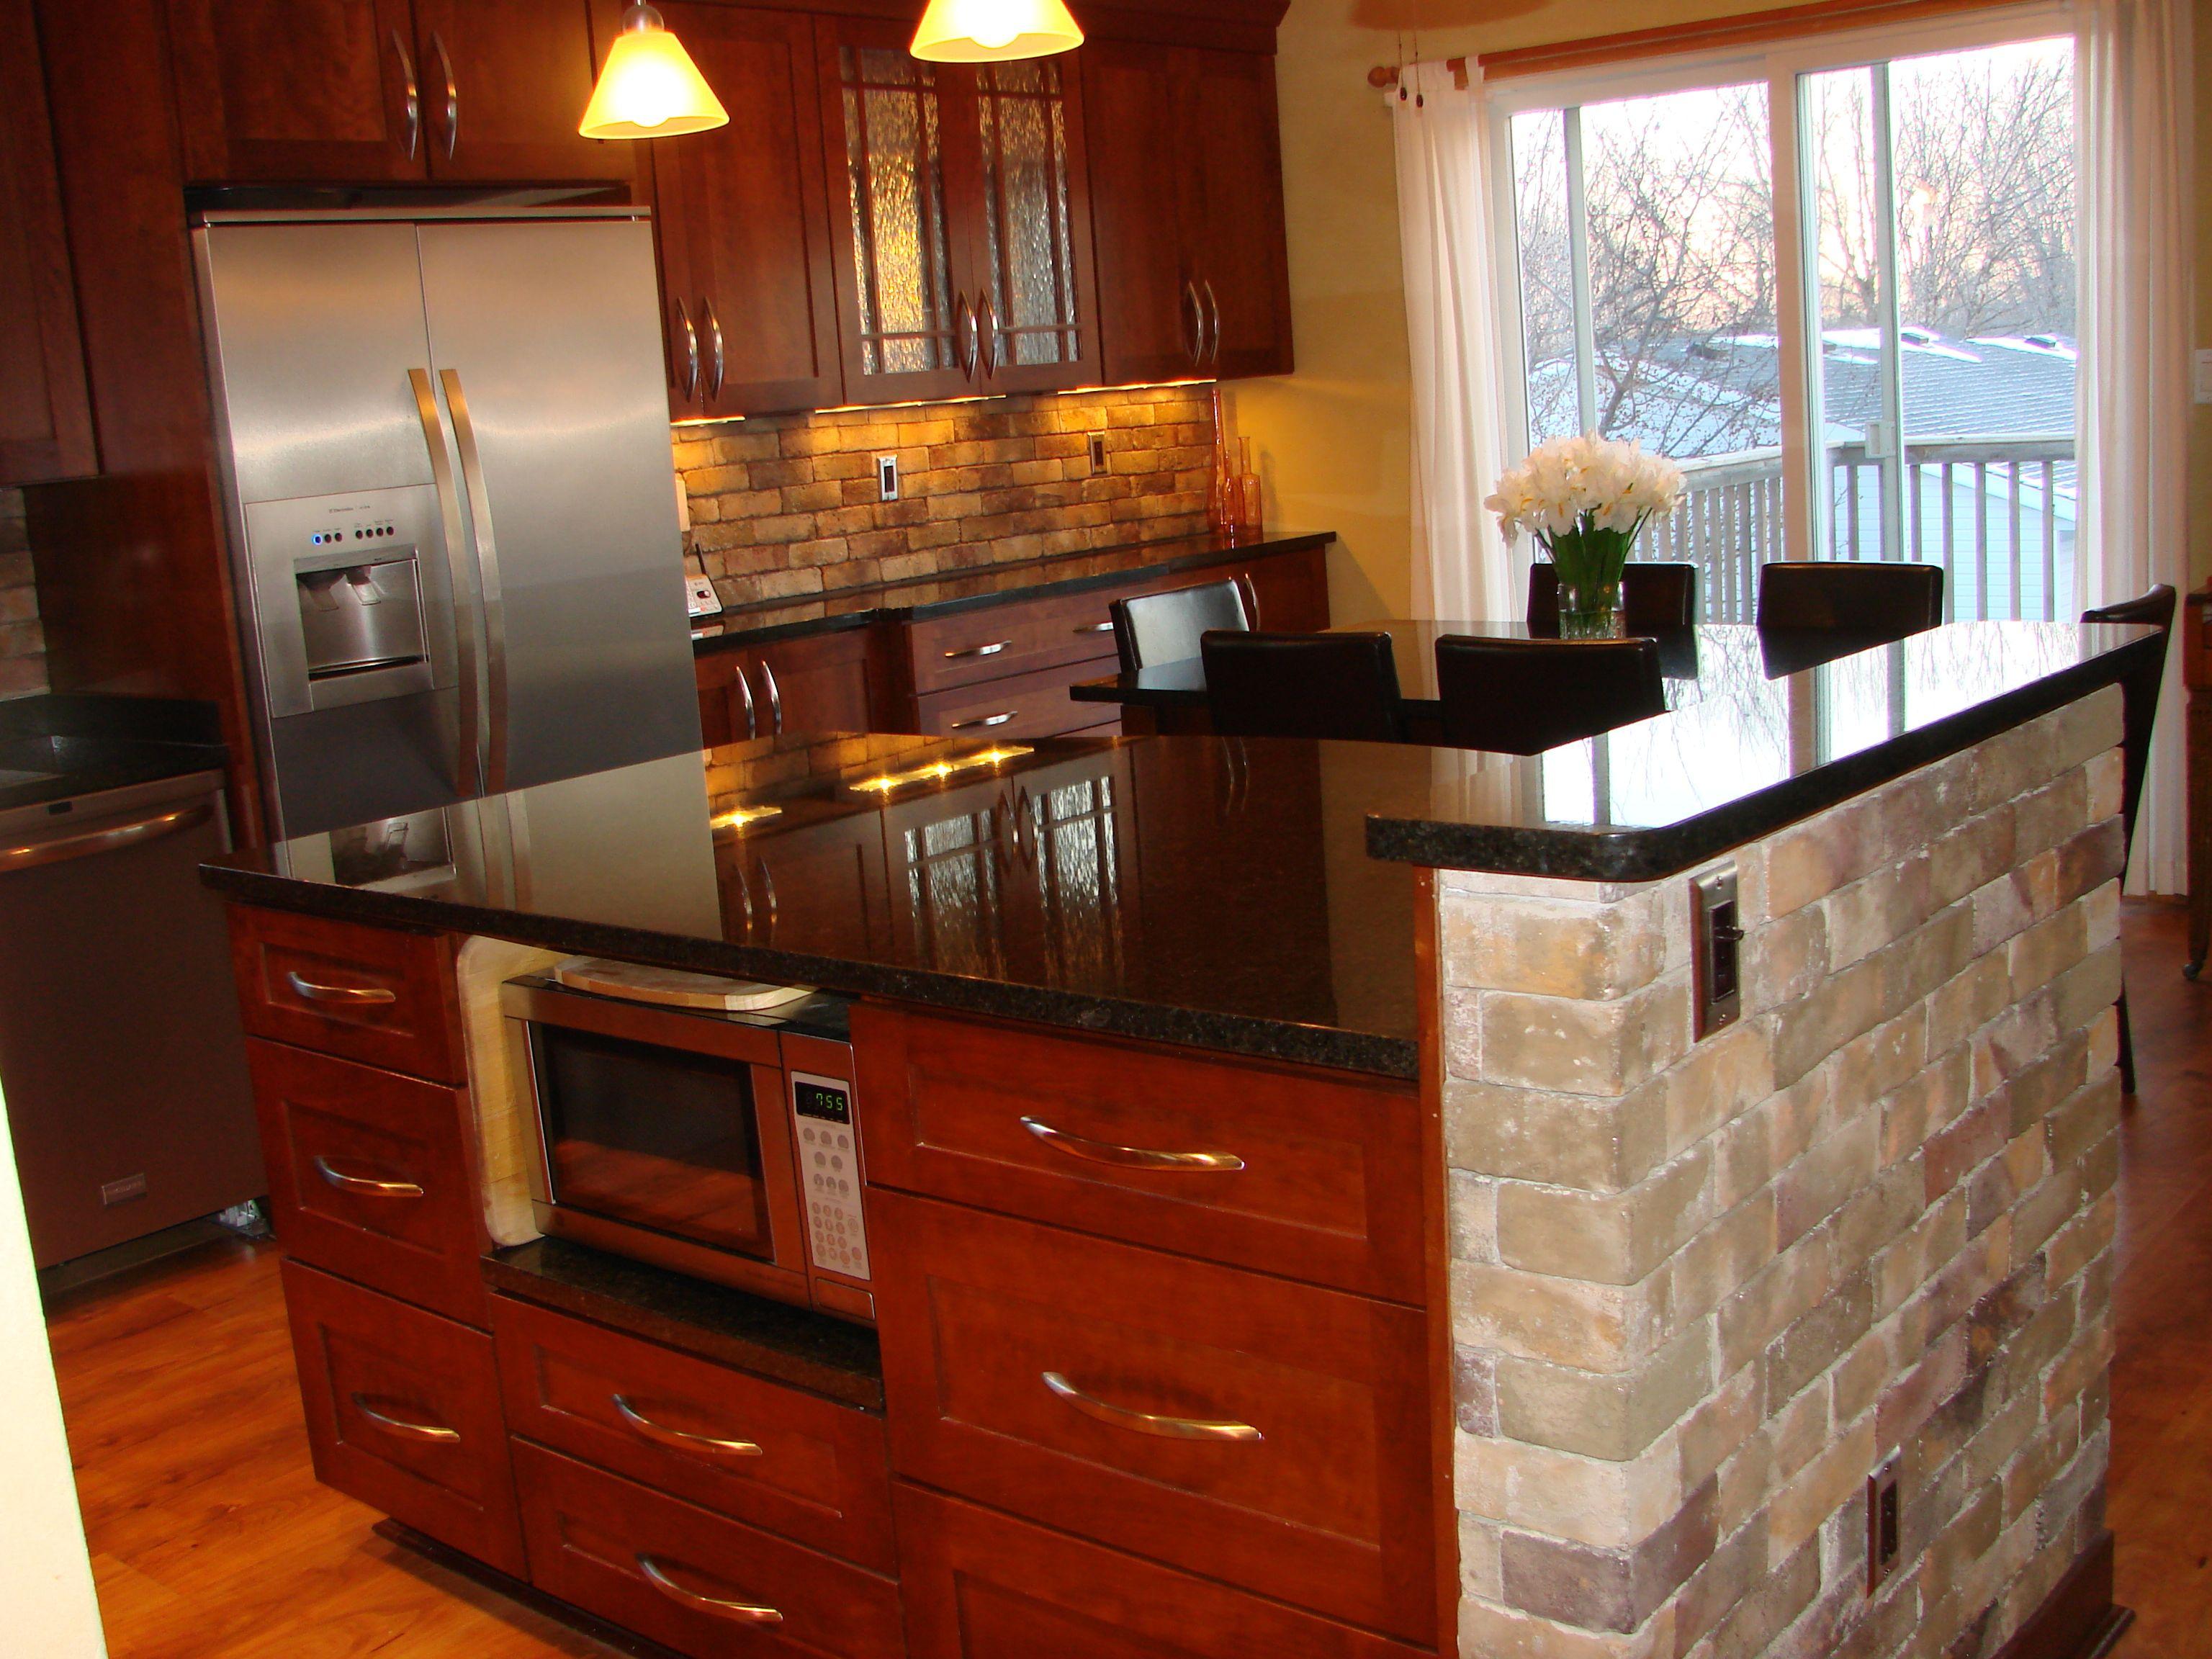 Black pearl granite kitchen countertops ideas for the for Black kitchen countertops